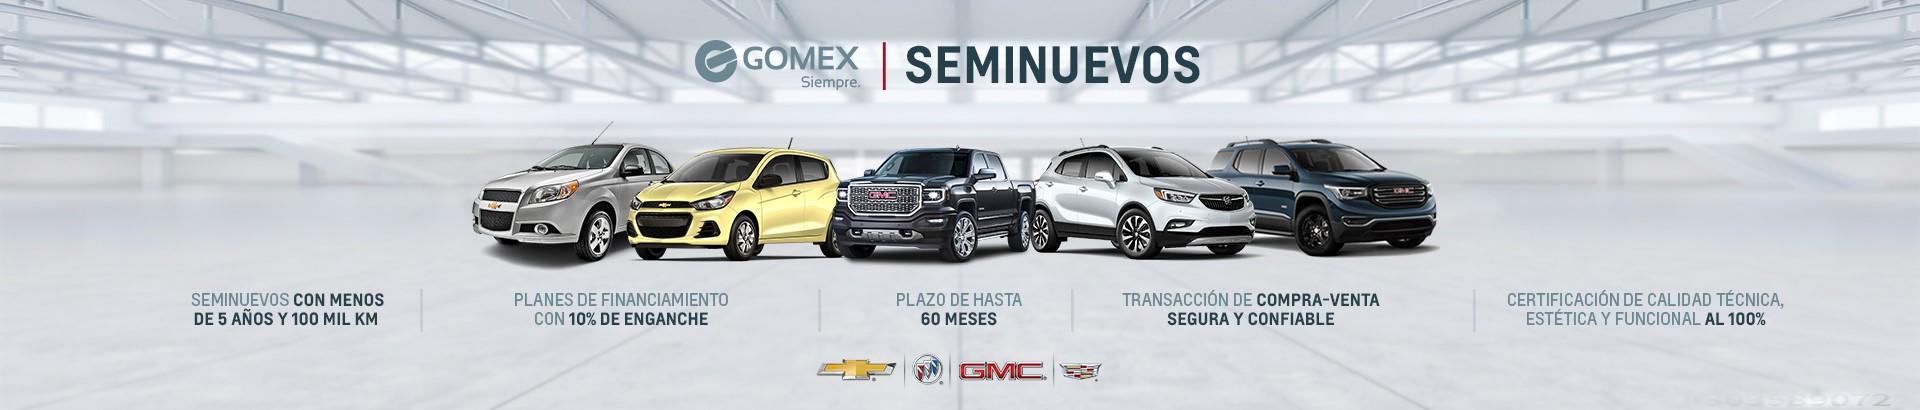 Chevrolet Gomex Córdoba